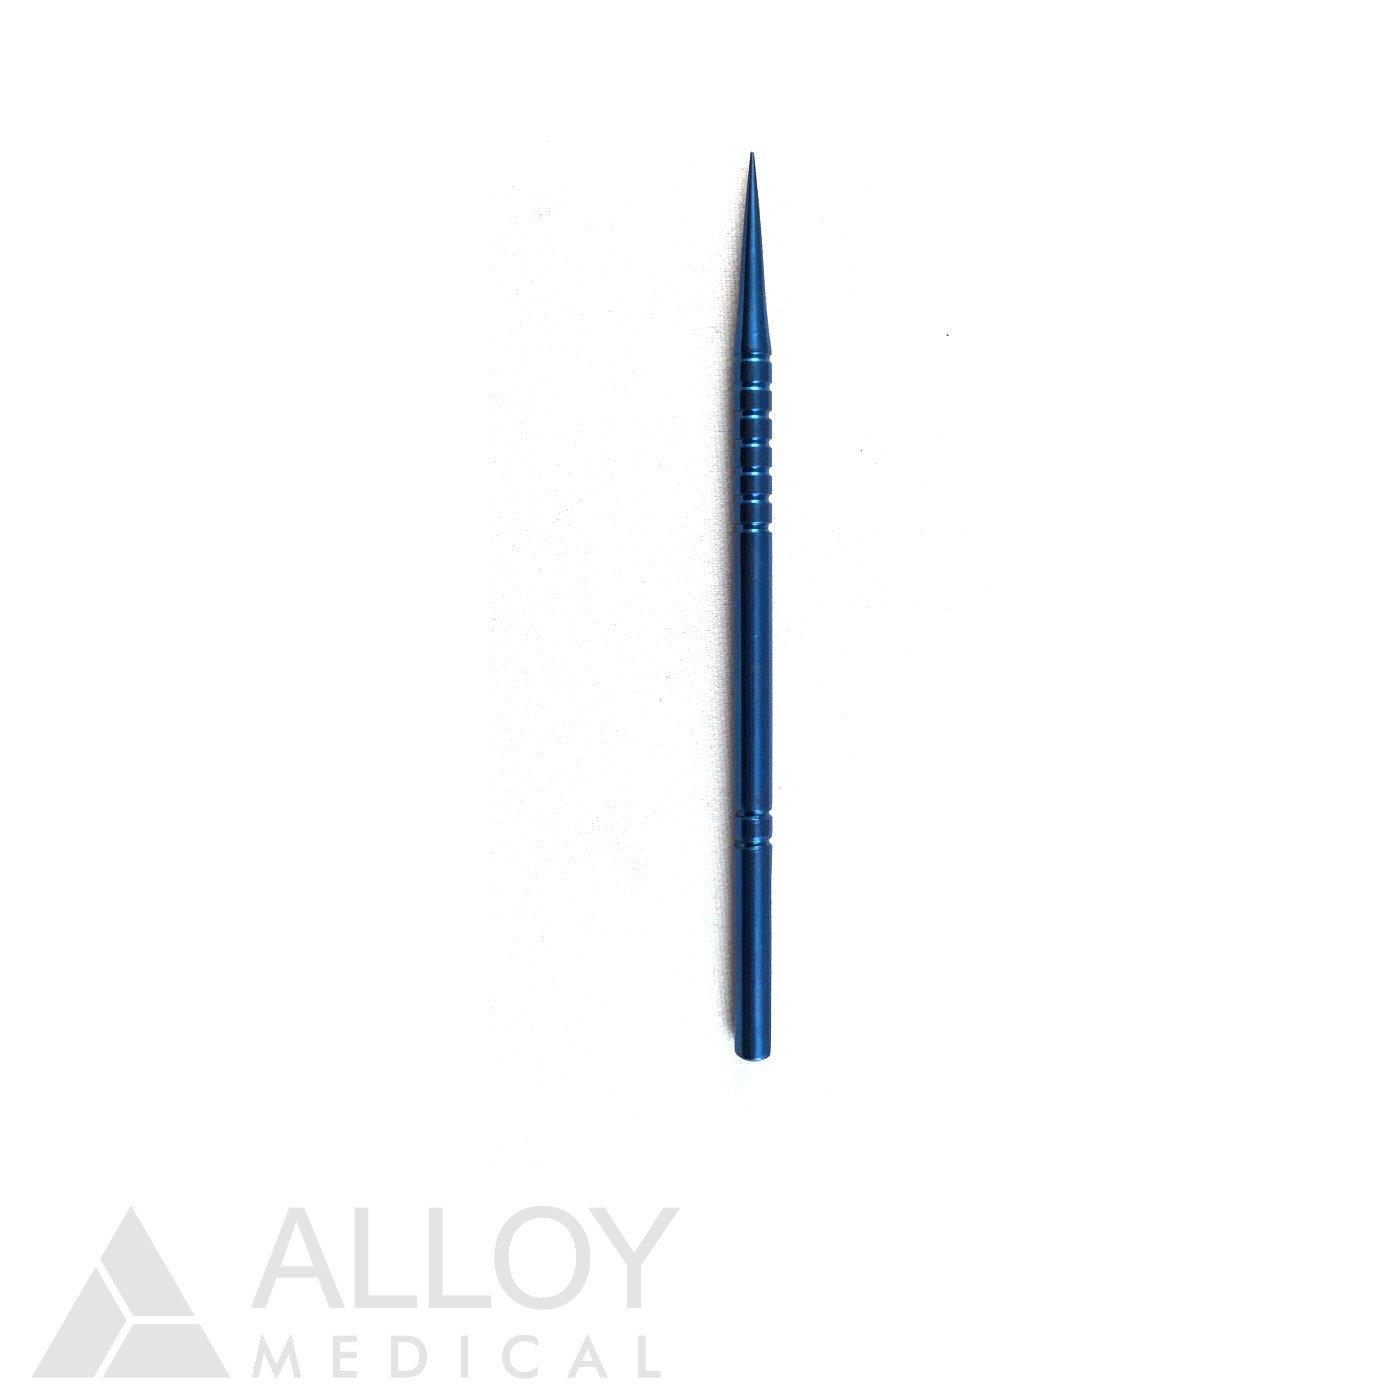 Wilder Lacrimal Punctum Dilator Fine Taper, Titanium, 9 cm Length, FDA Approved (CHIT-560)